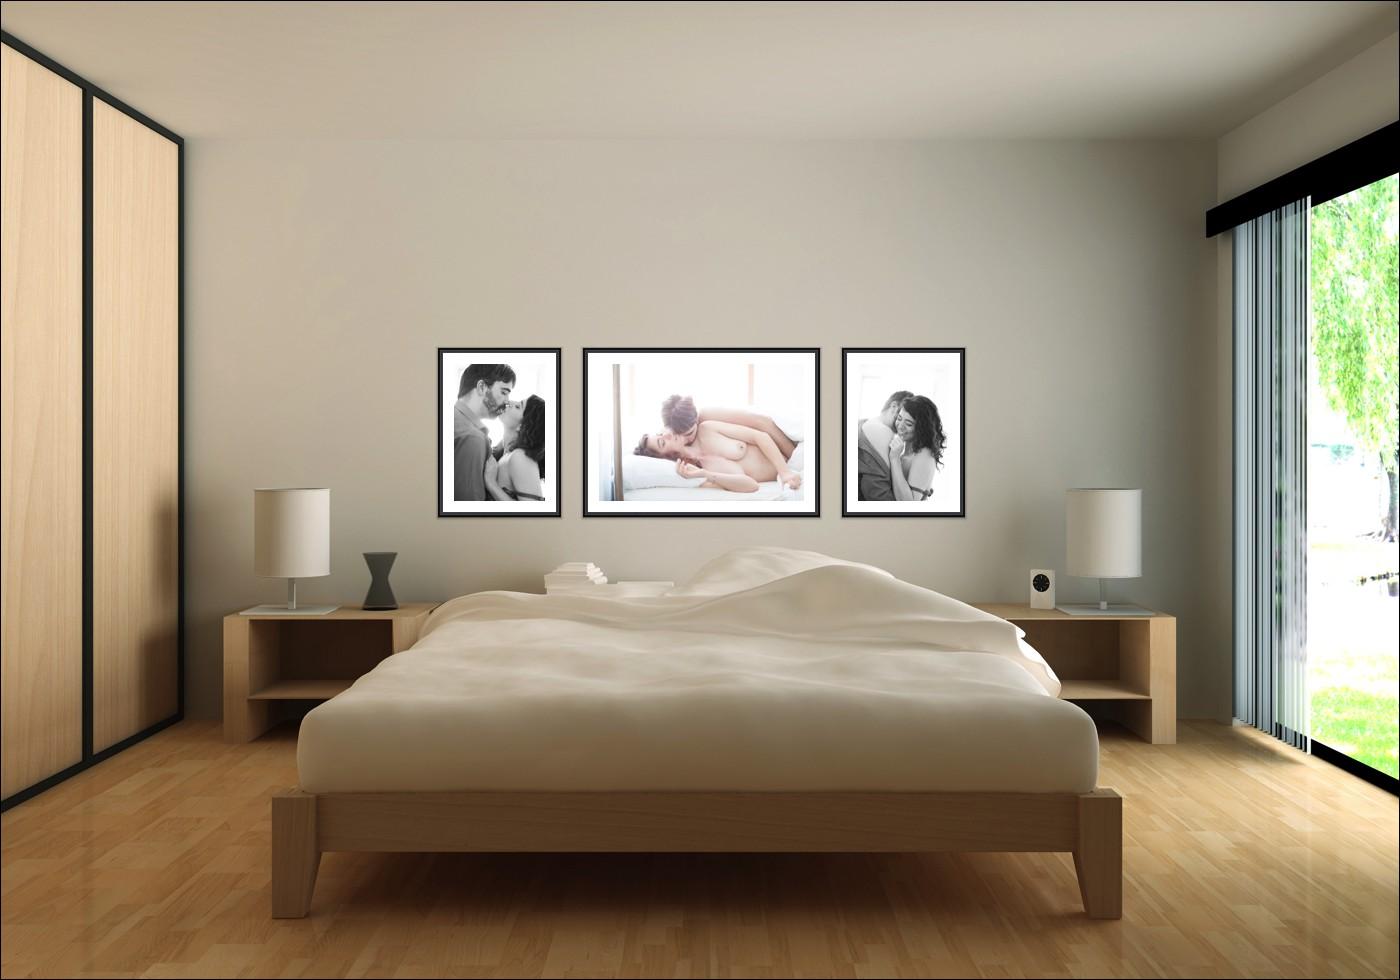 breathless-boudoir-couples-wall-art.jpg